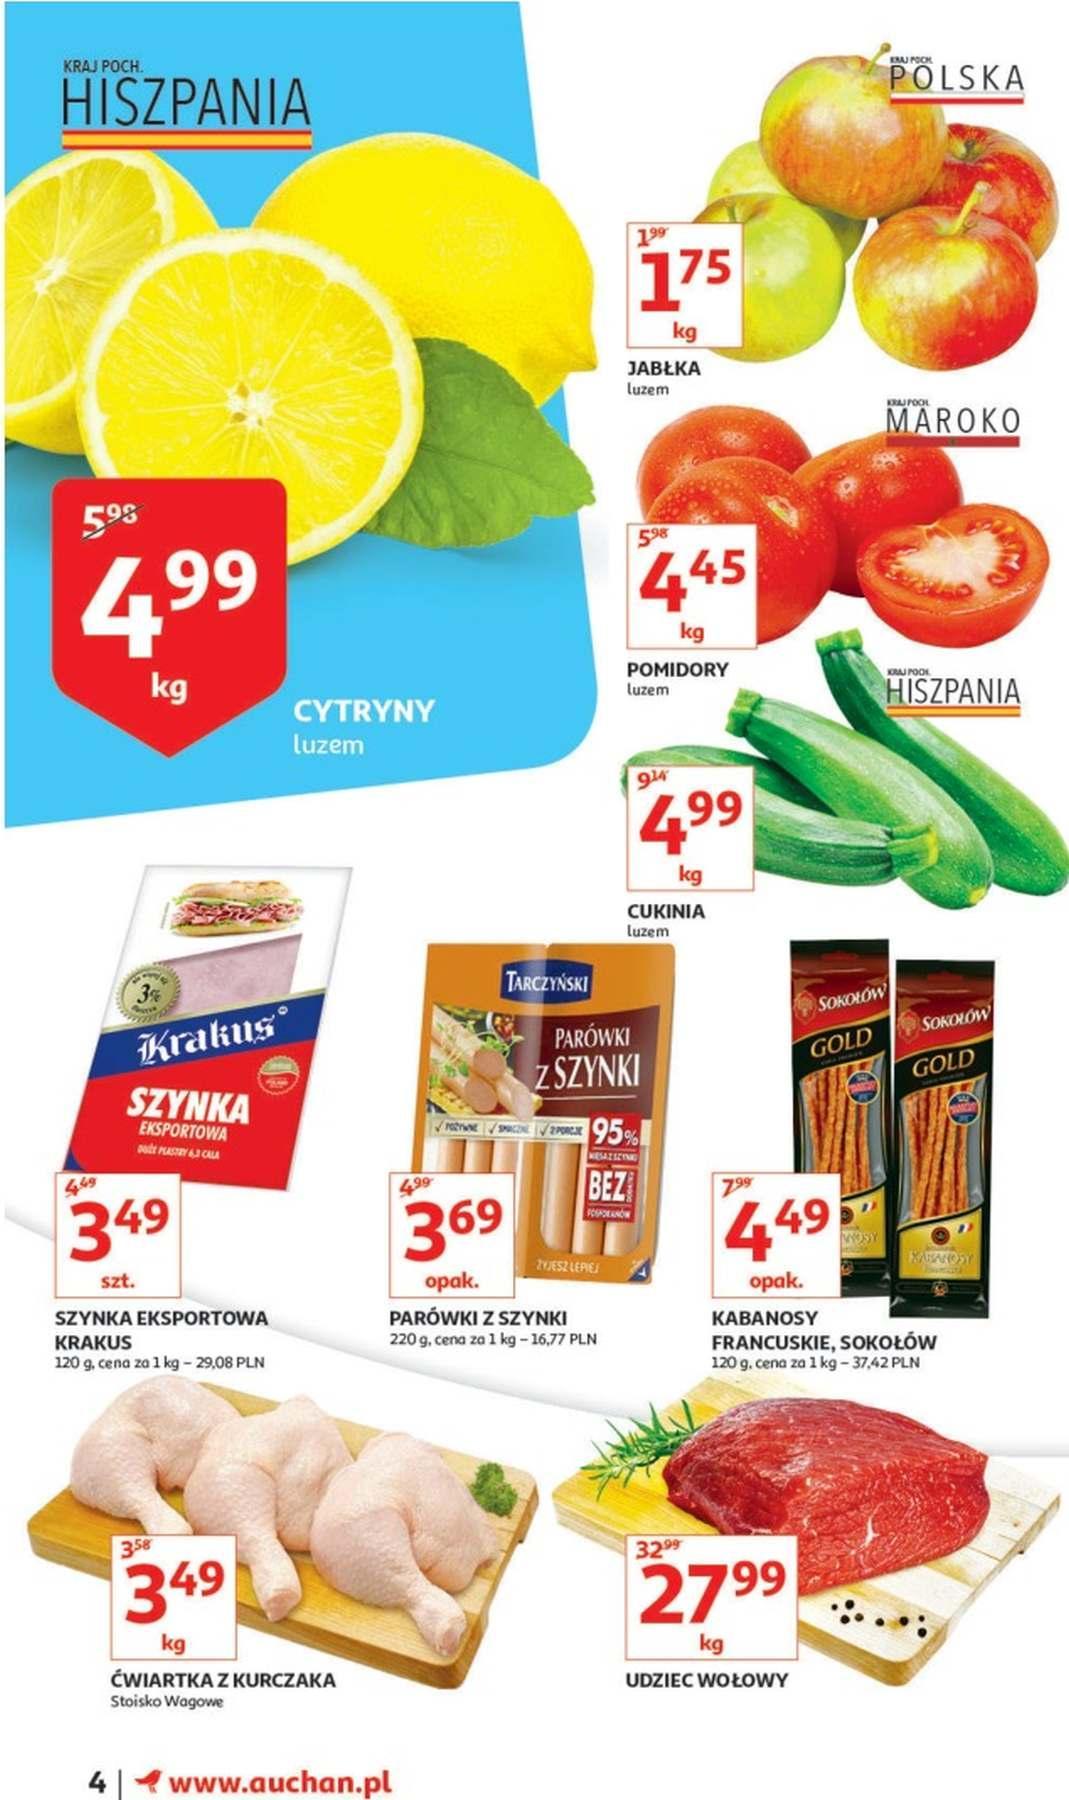 Gazetka promocyjna Auchan do 16/01/2019 str.4